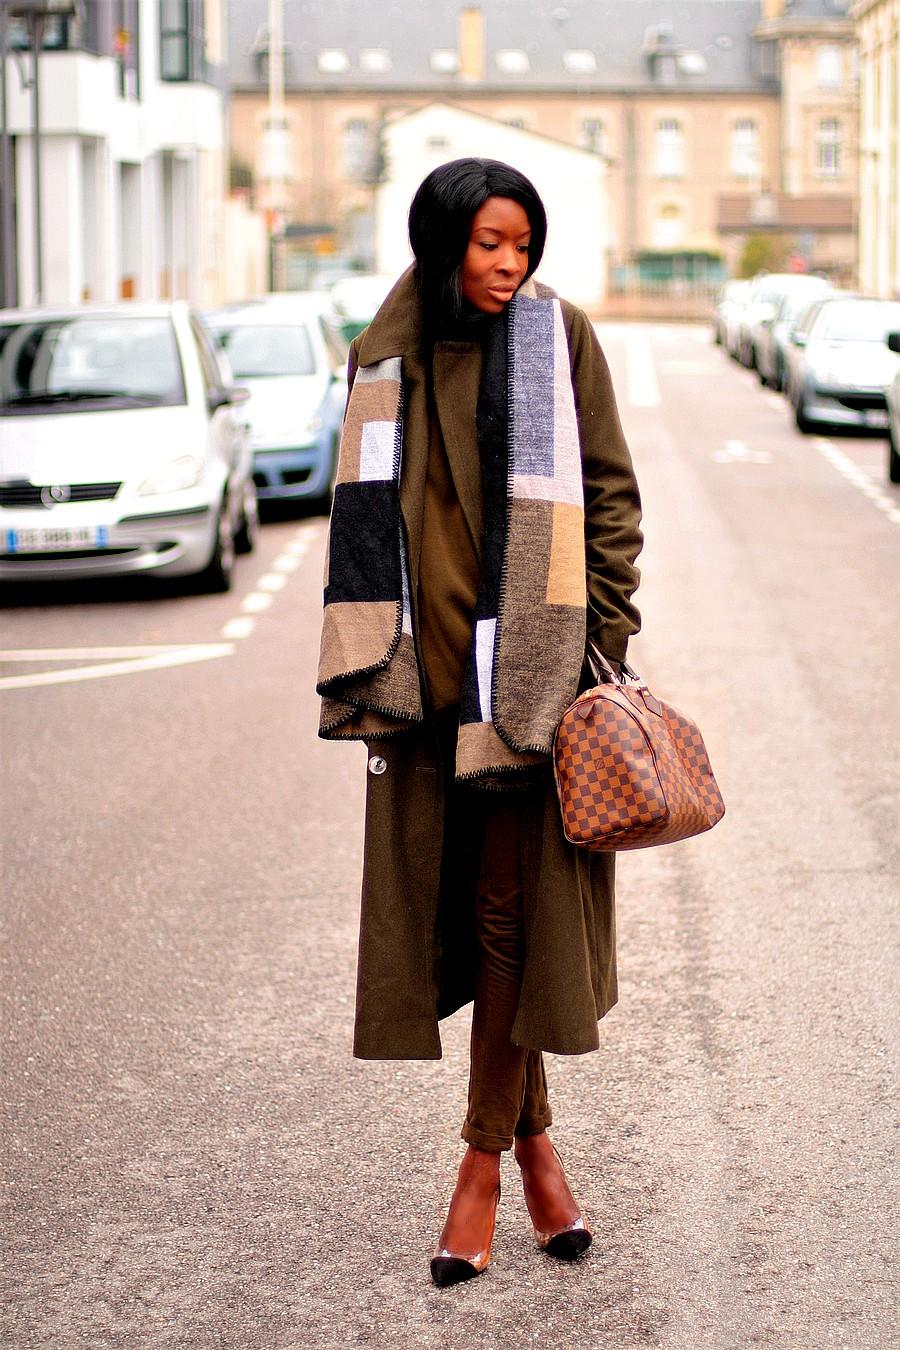 comment-etre-bien-habillee-en-hiver